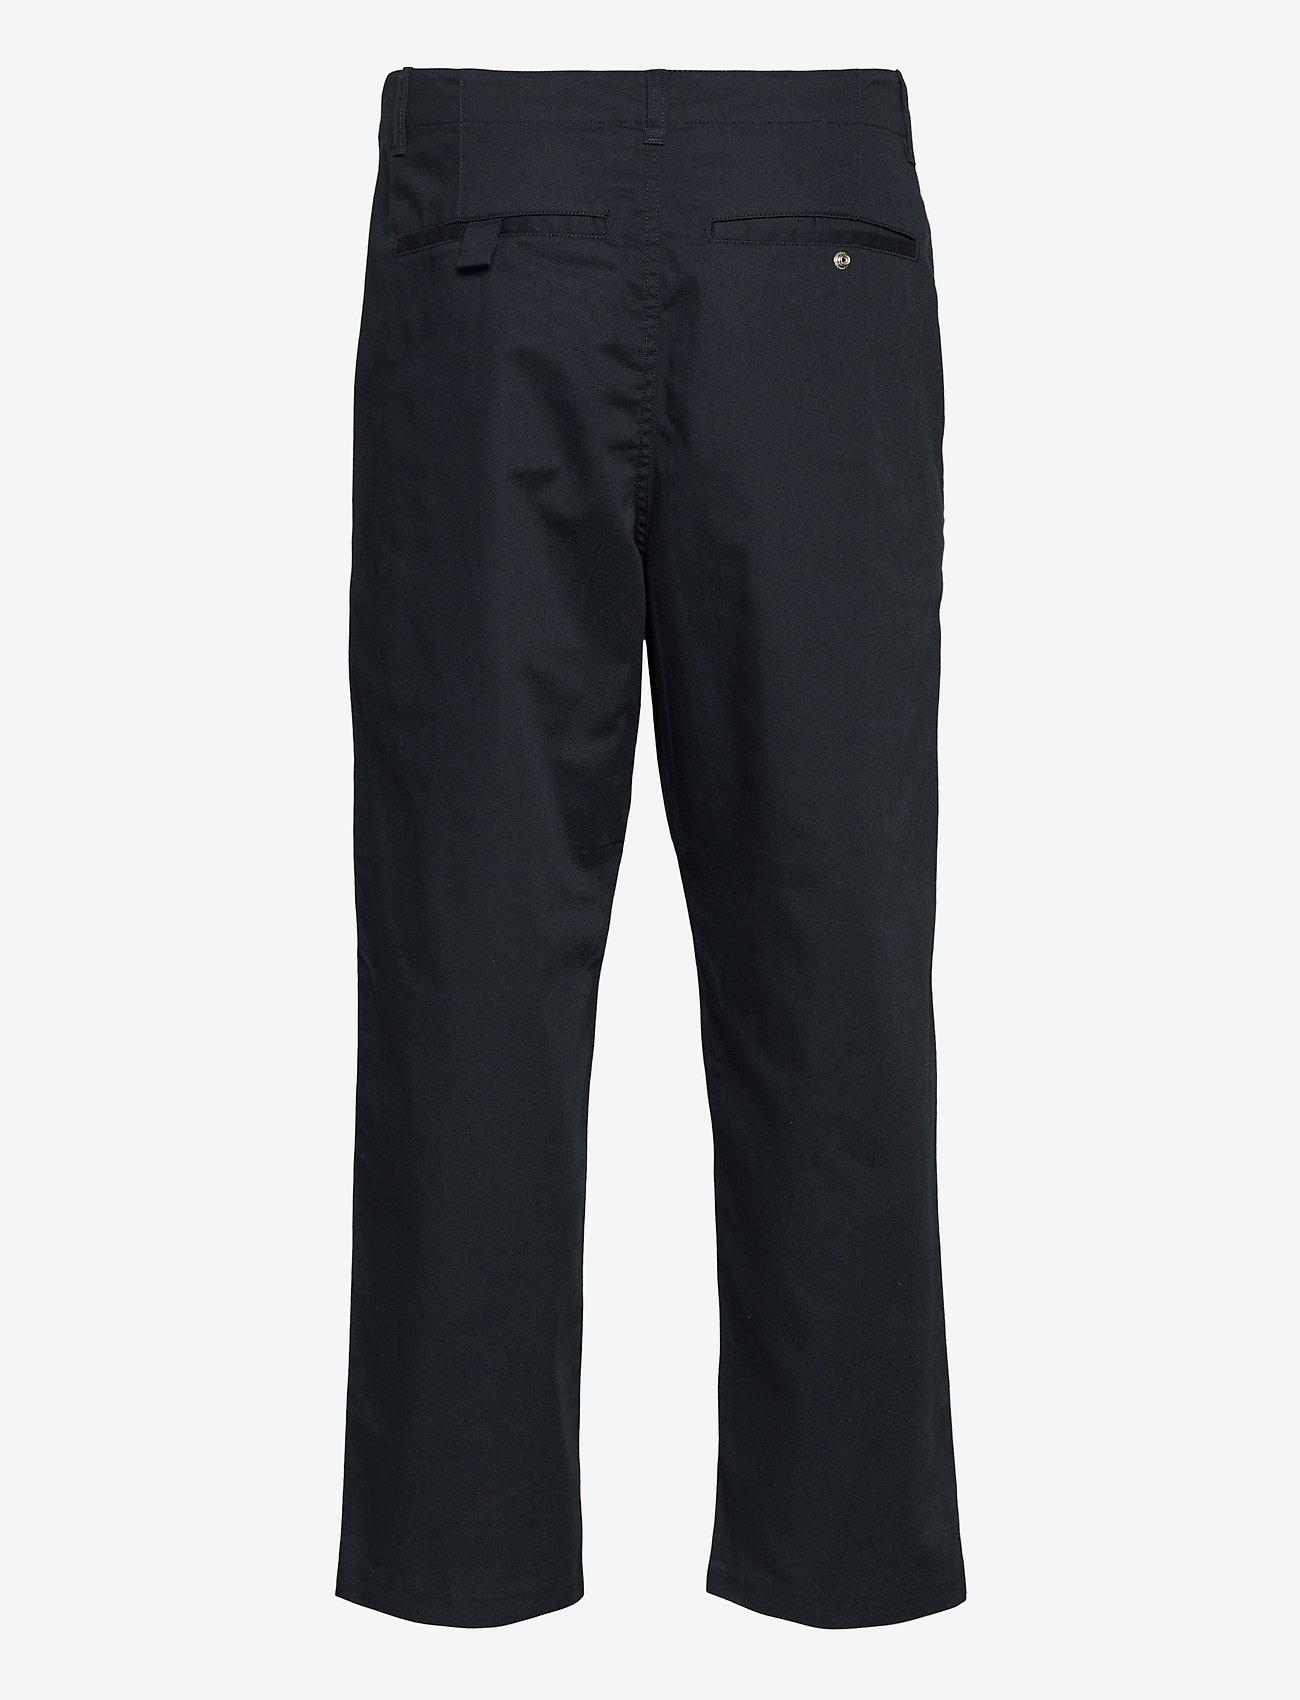 Hawtin Twill Trousers (True Navy) (42 €) - Farah Wt4DS